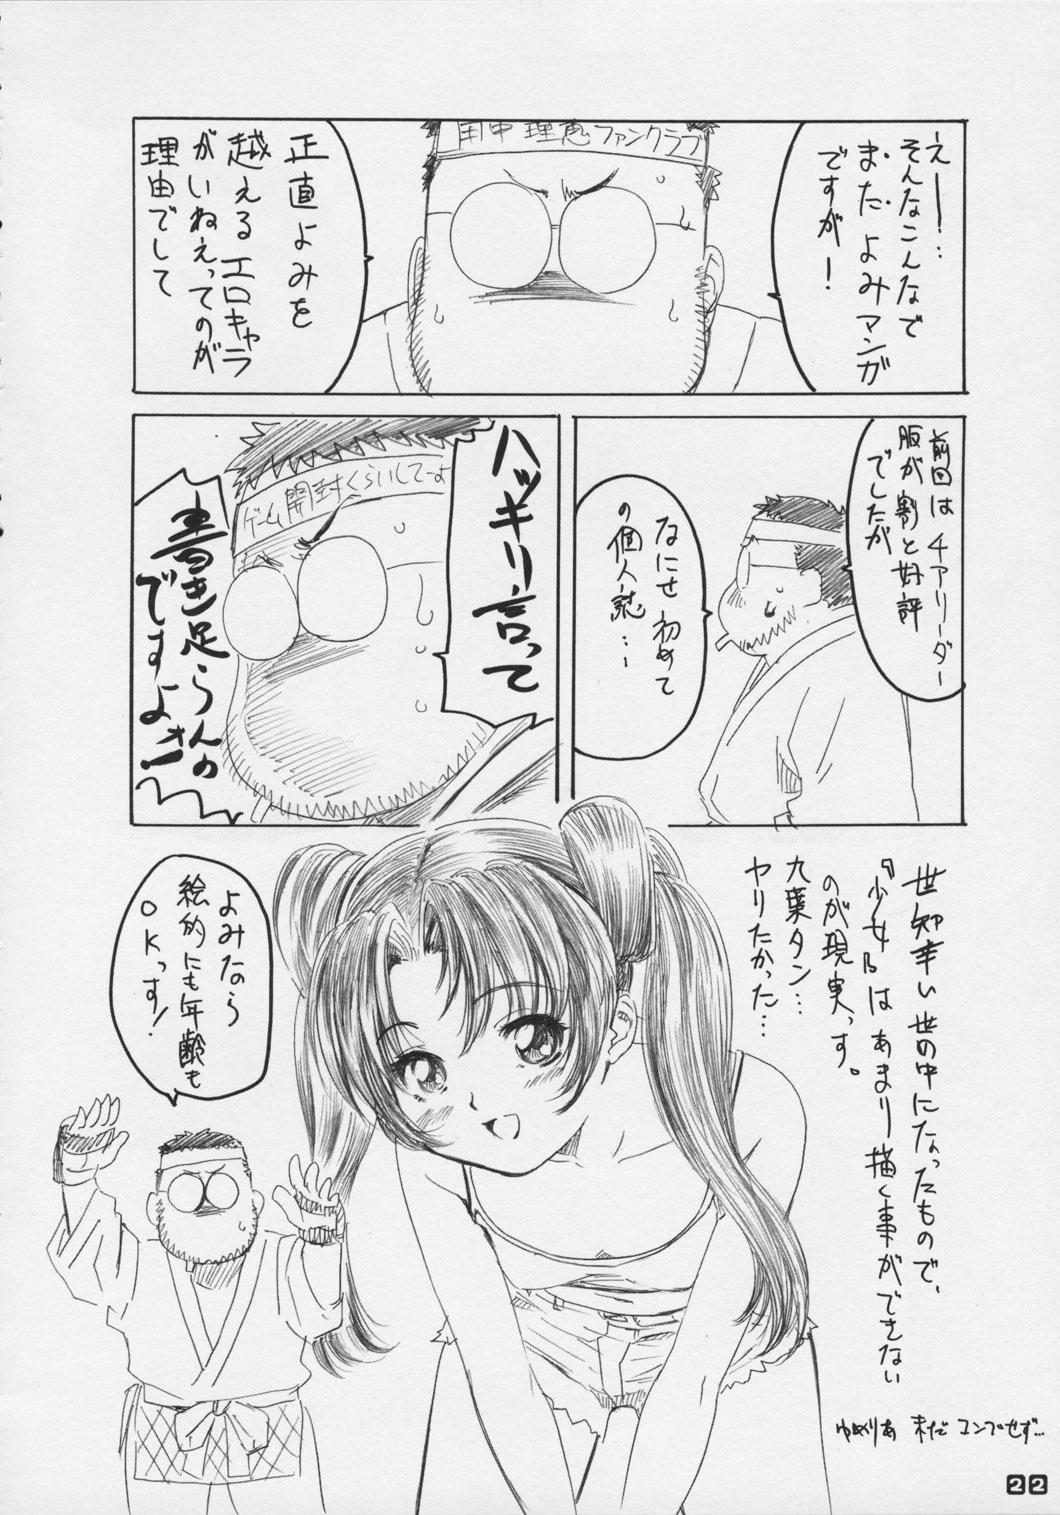 (C64) [MARUTA-DOJO (MARUTA)] Koyomi no Ren-nyu Tappuri Syu-Kuri-mu (Azumanga-Daioh) 21